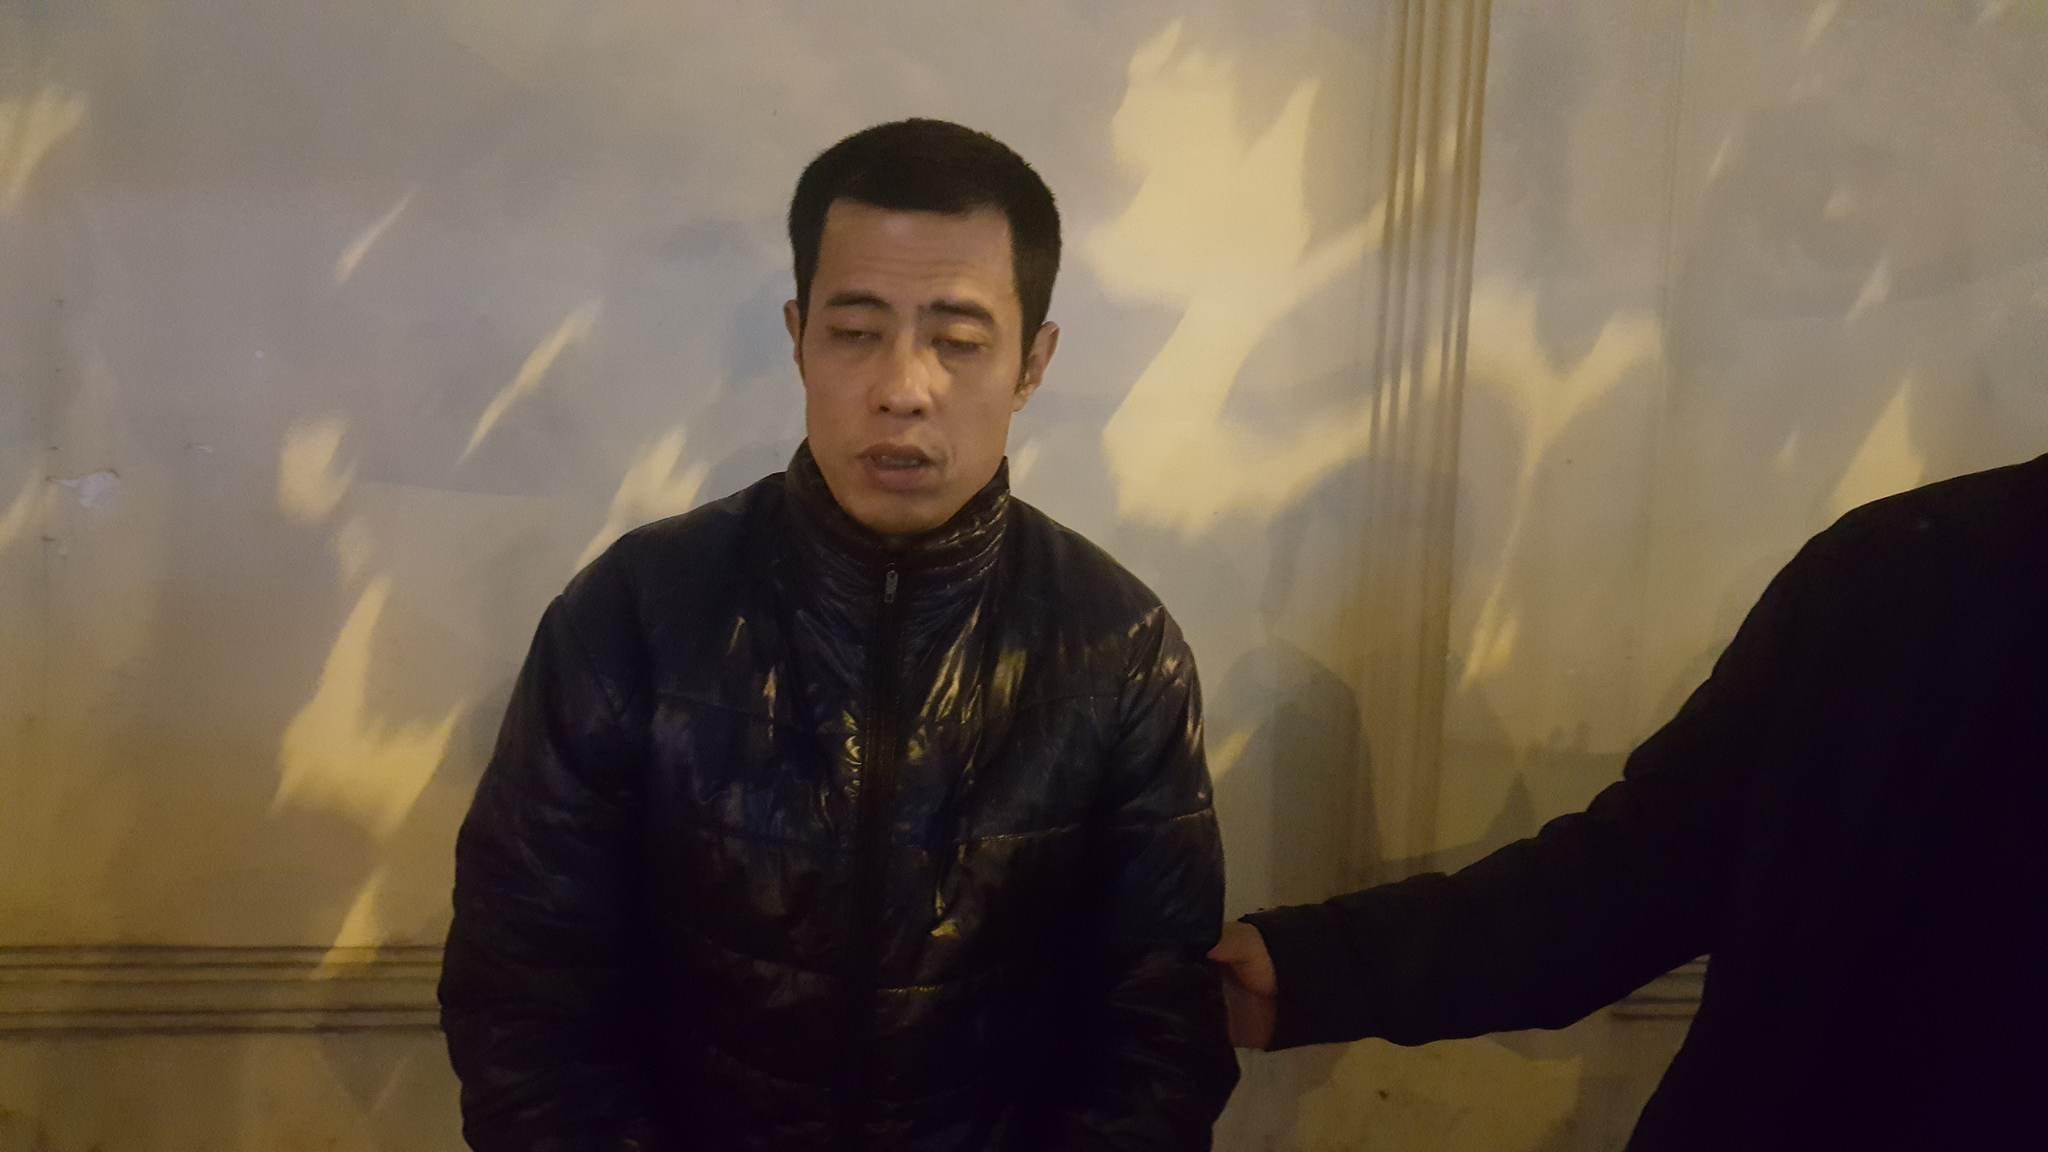 Hà Nội: Phát hiện ma túy trên người đối tượng 2 tiền án - Ảnh 1